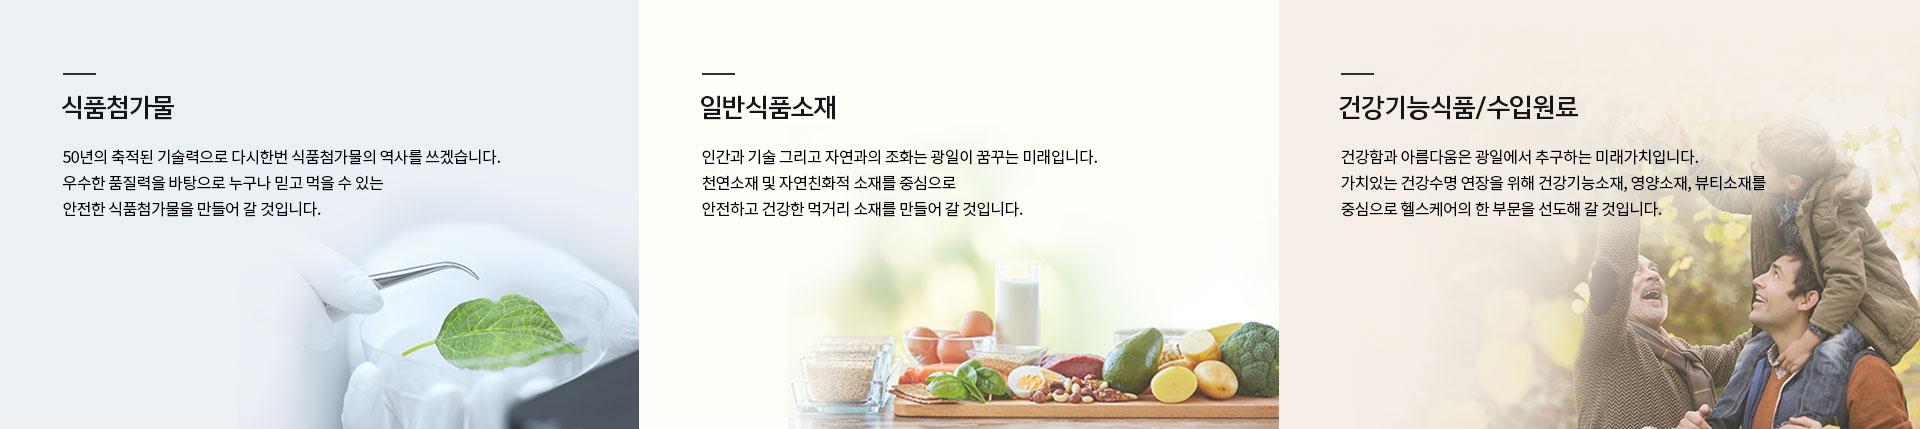 식품첨가물,일반식품소재,건강기능식품/수입원료